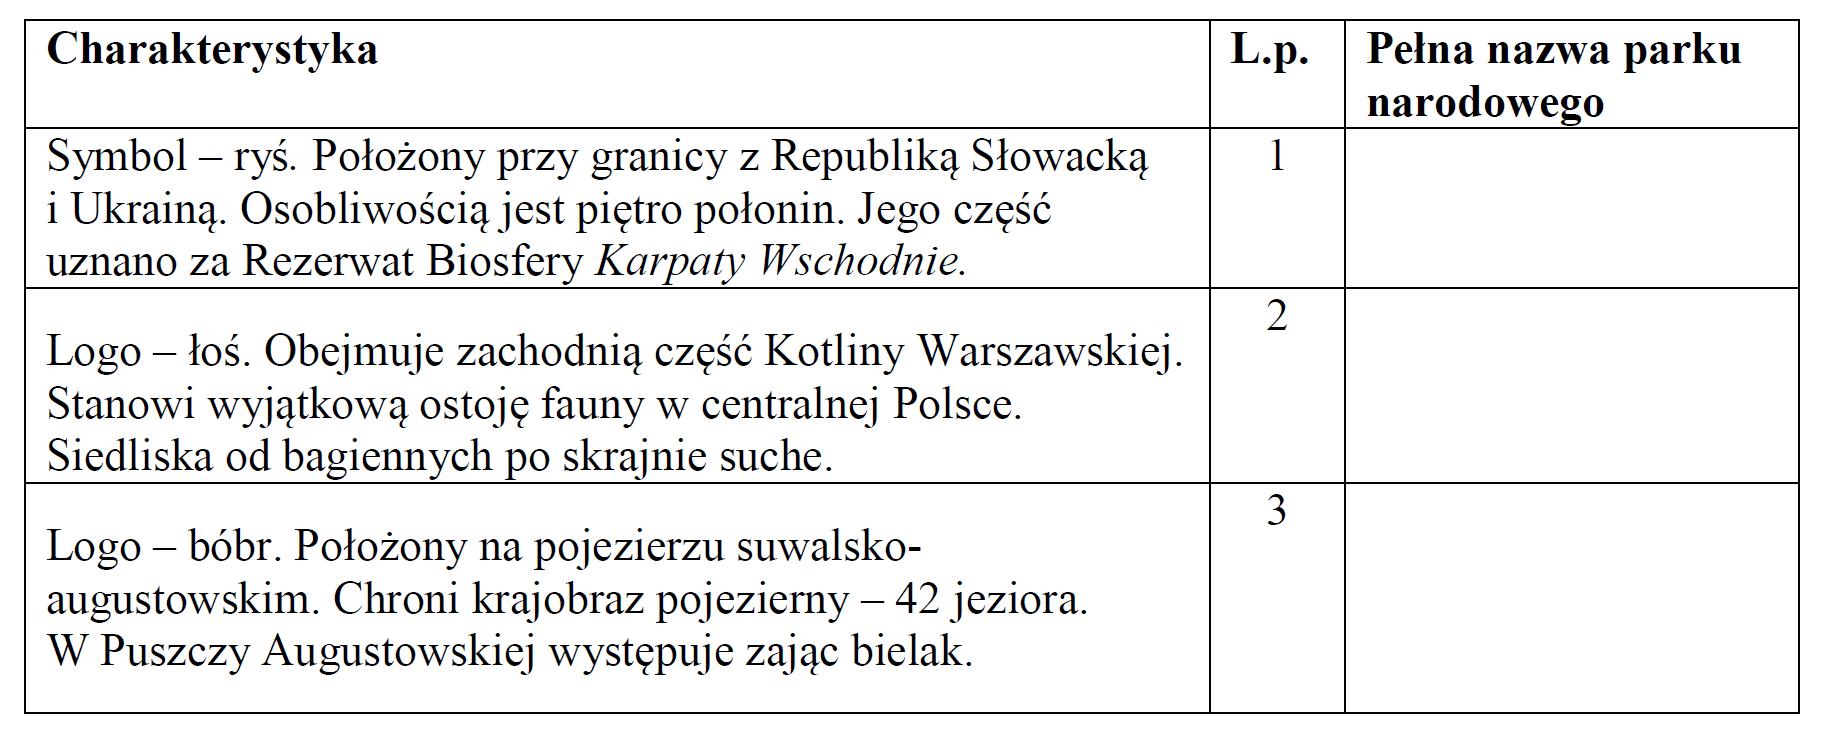 Polskie Parki Narodowe.